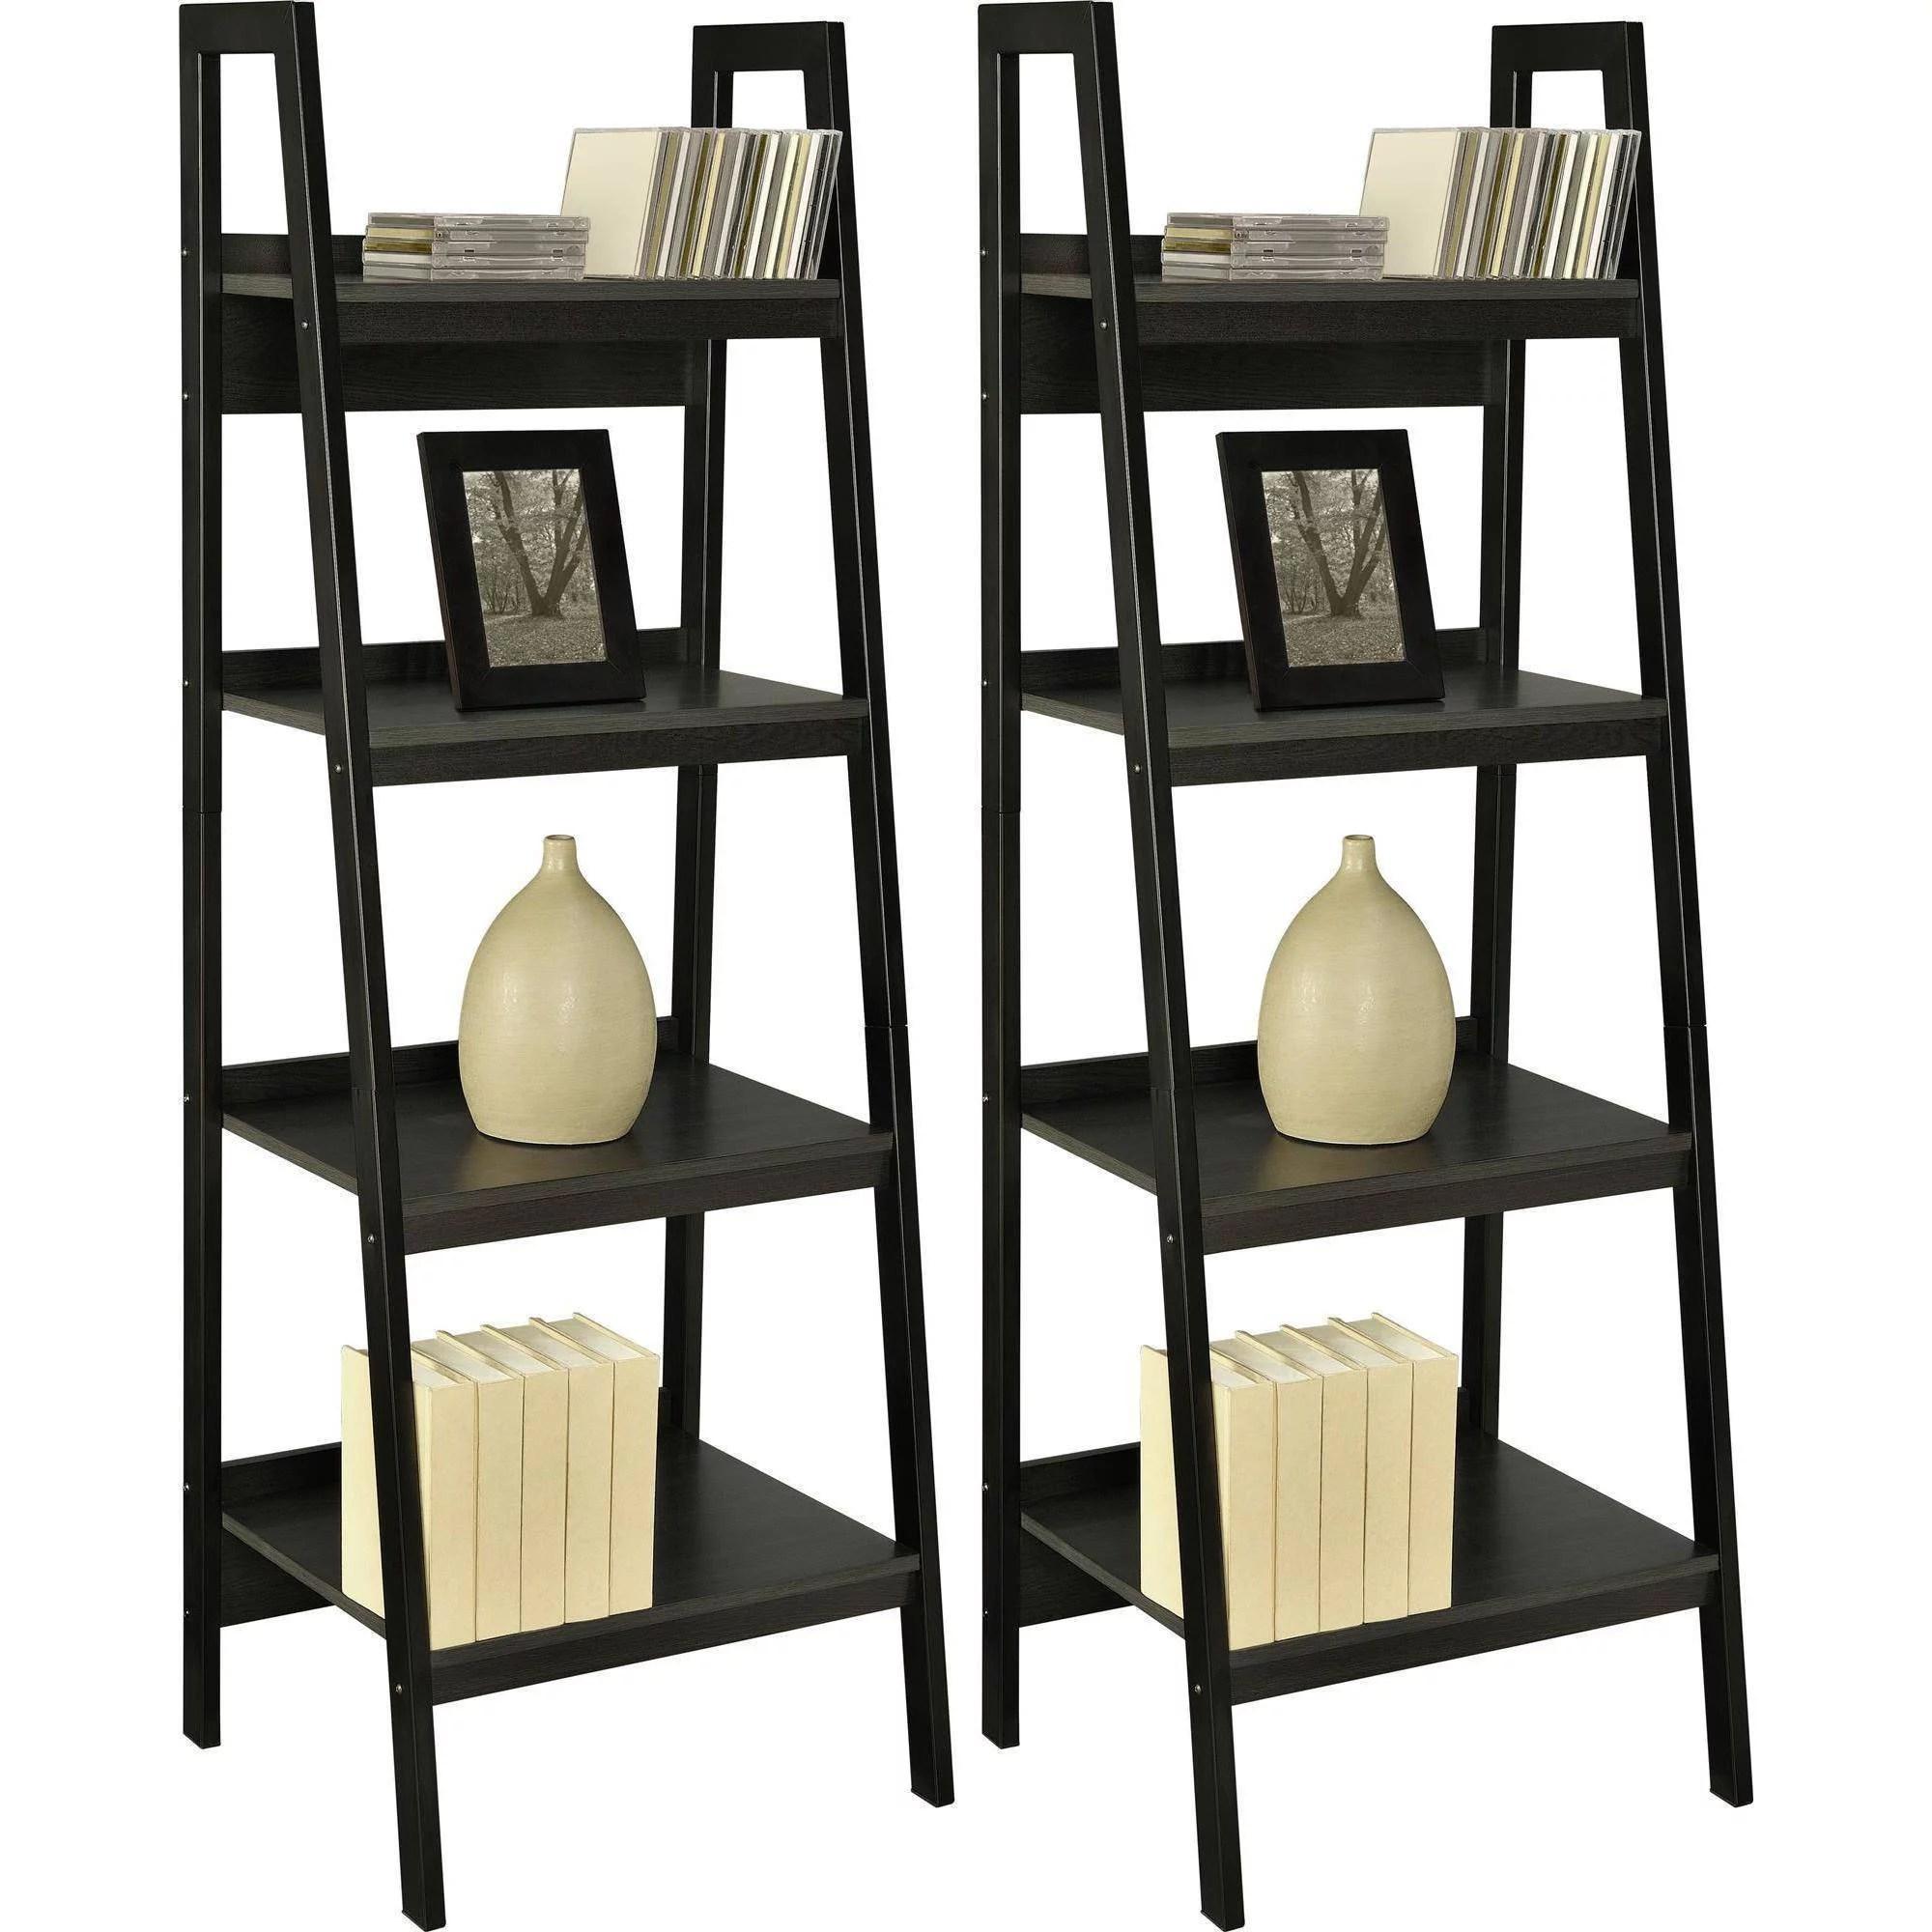 Details About Altra Metal Ladder Bookcase Set Of 2 Black Shelves Shelf Decor Furniture Books